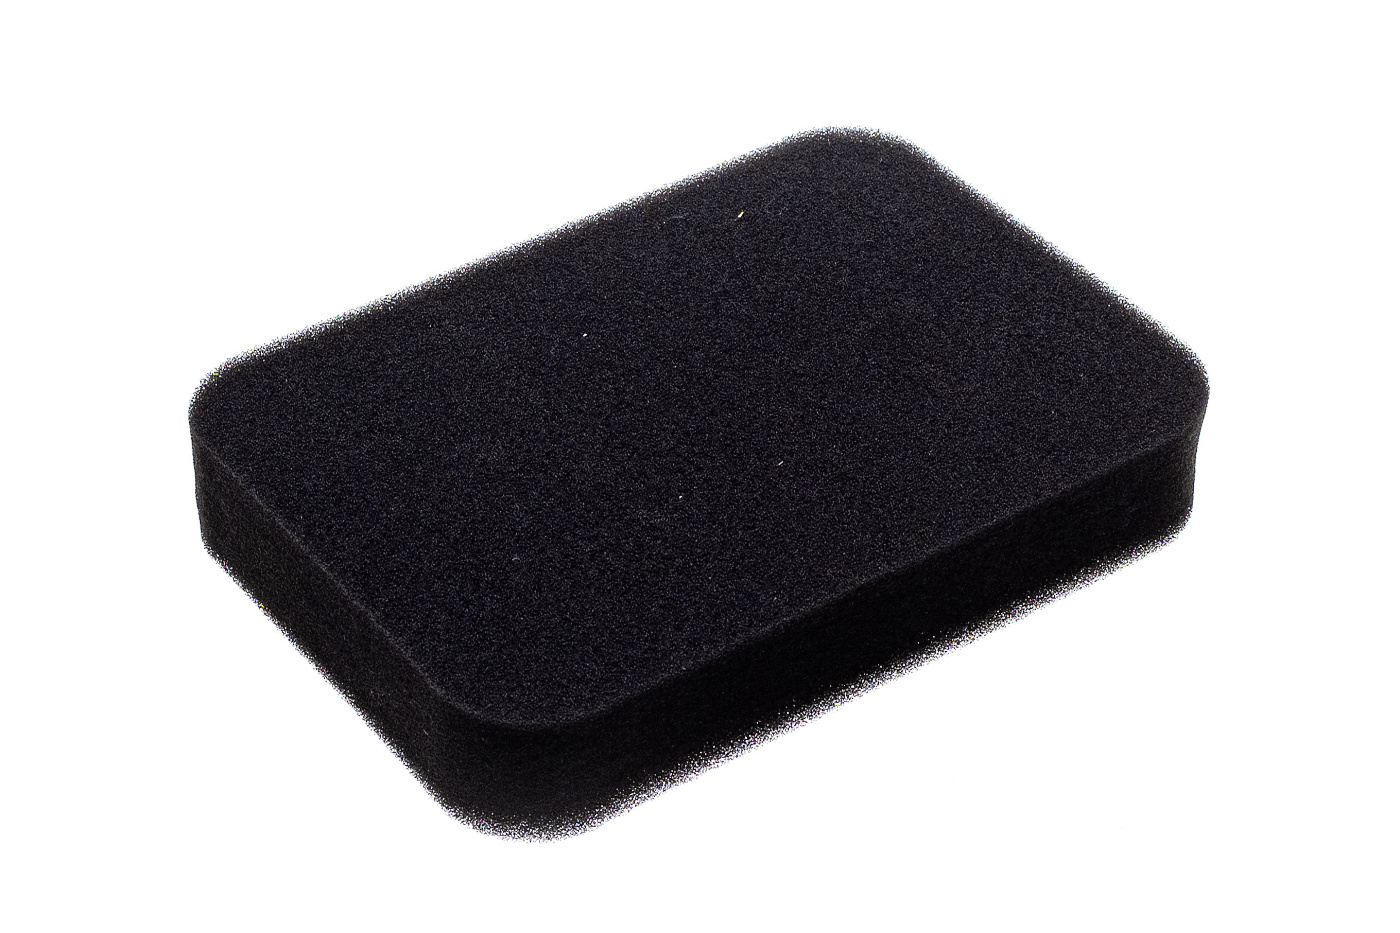 Vzduchový filtr Honda - 17211-899-000